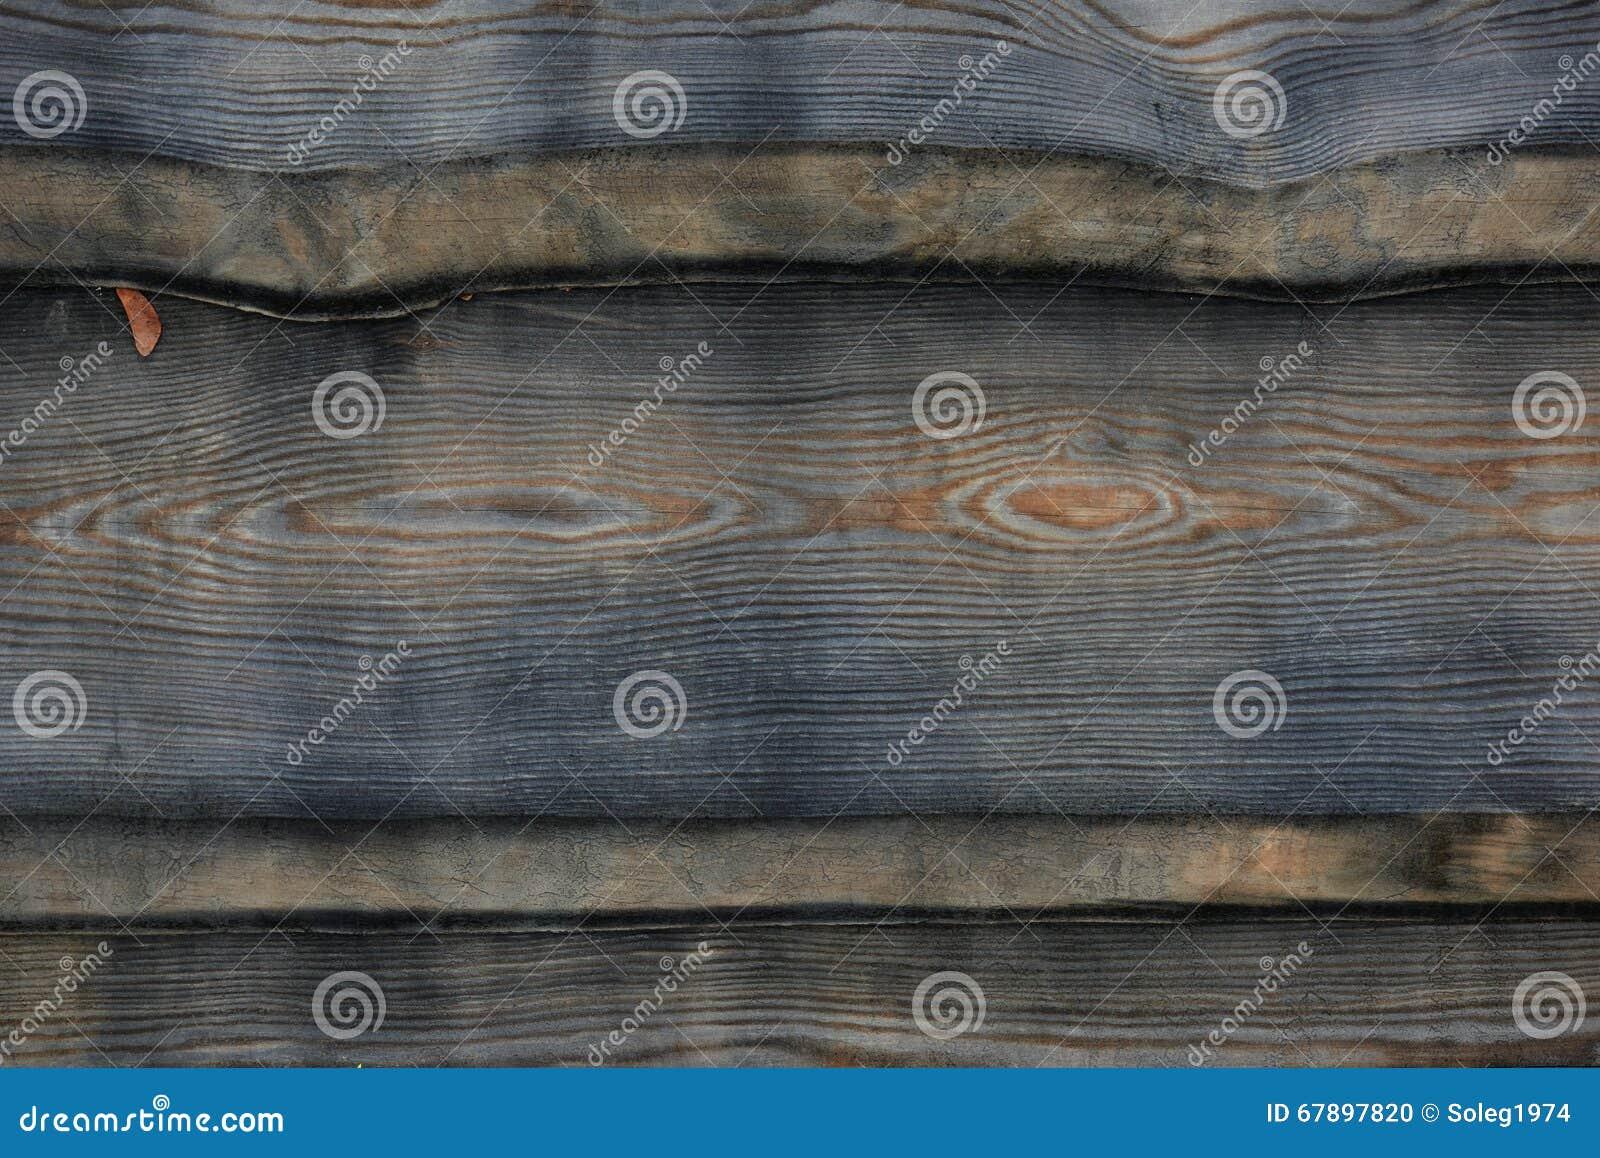 自然木板条背景特写镜头